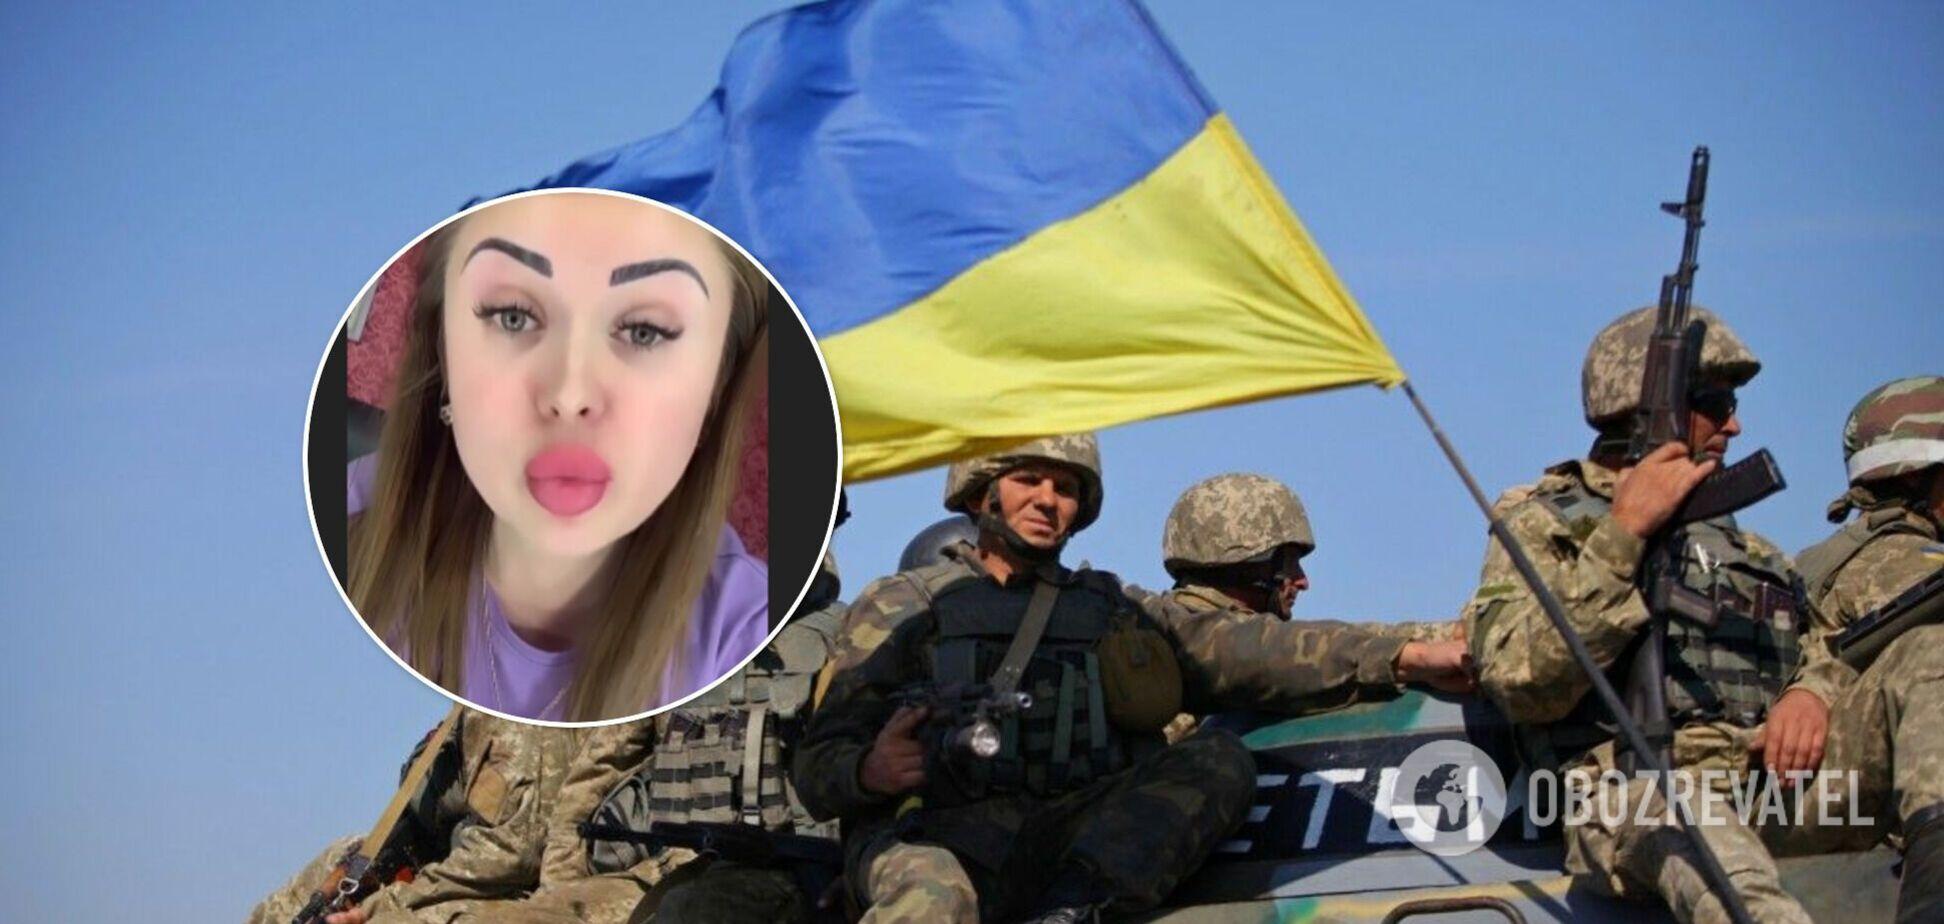 В Чугуеве девушка на видео назвала воинов ВСУ 'бухими тварями'. Детали скандала